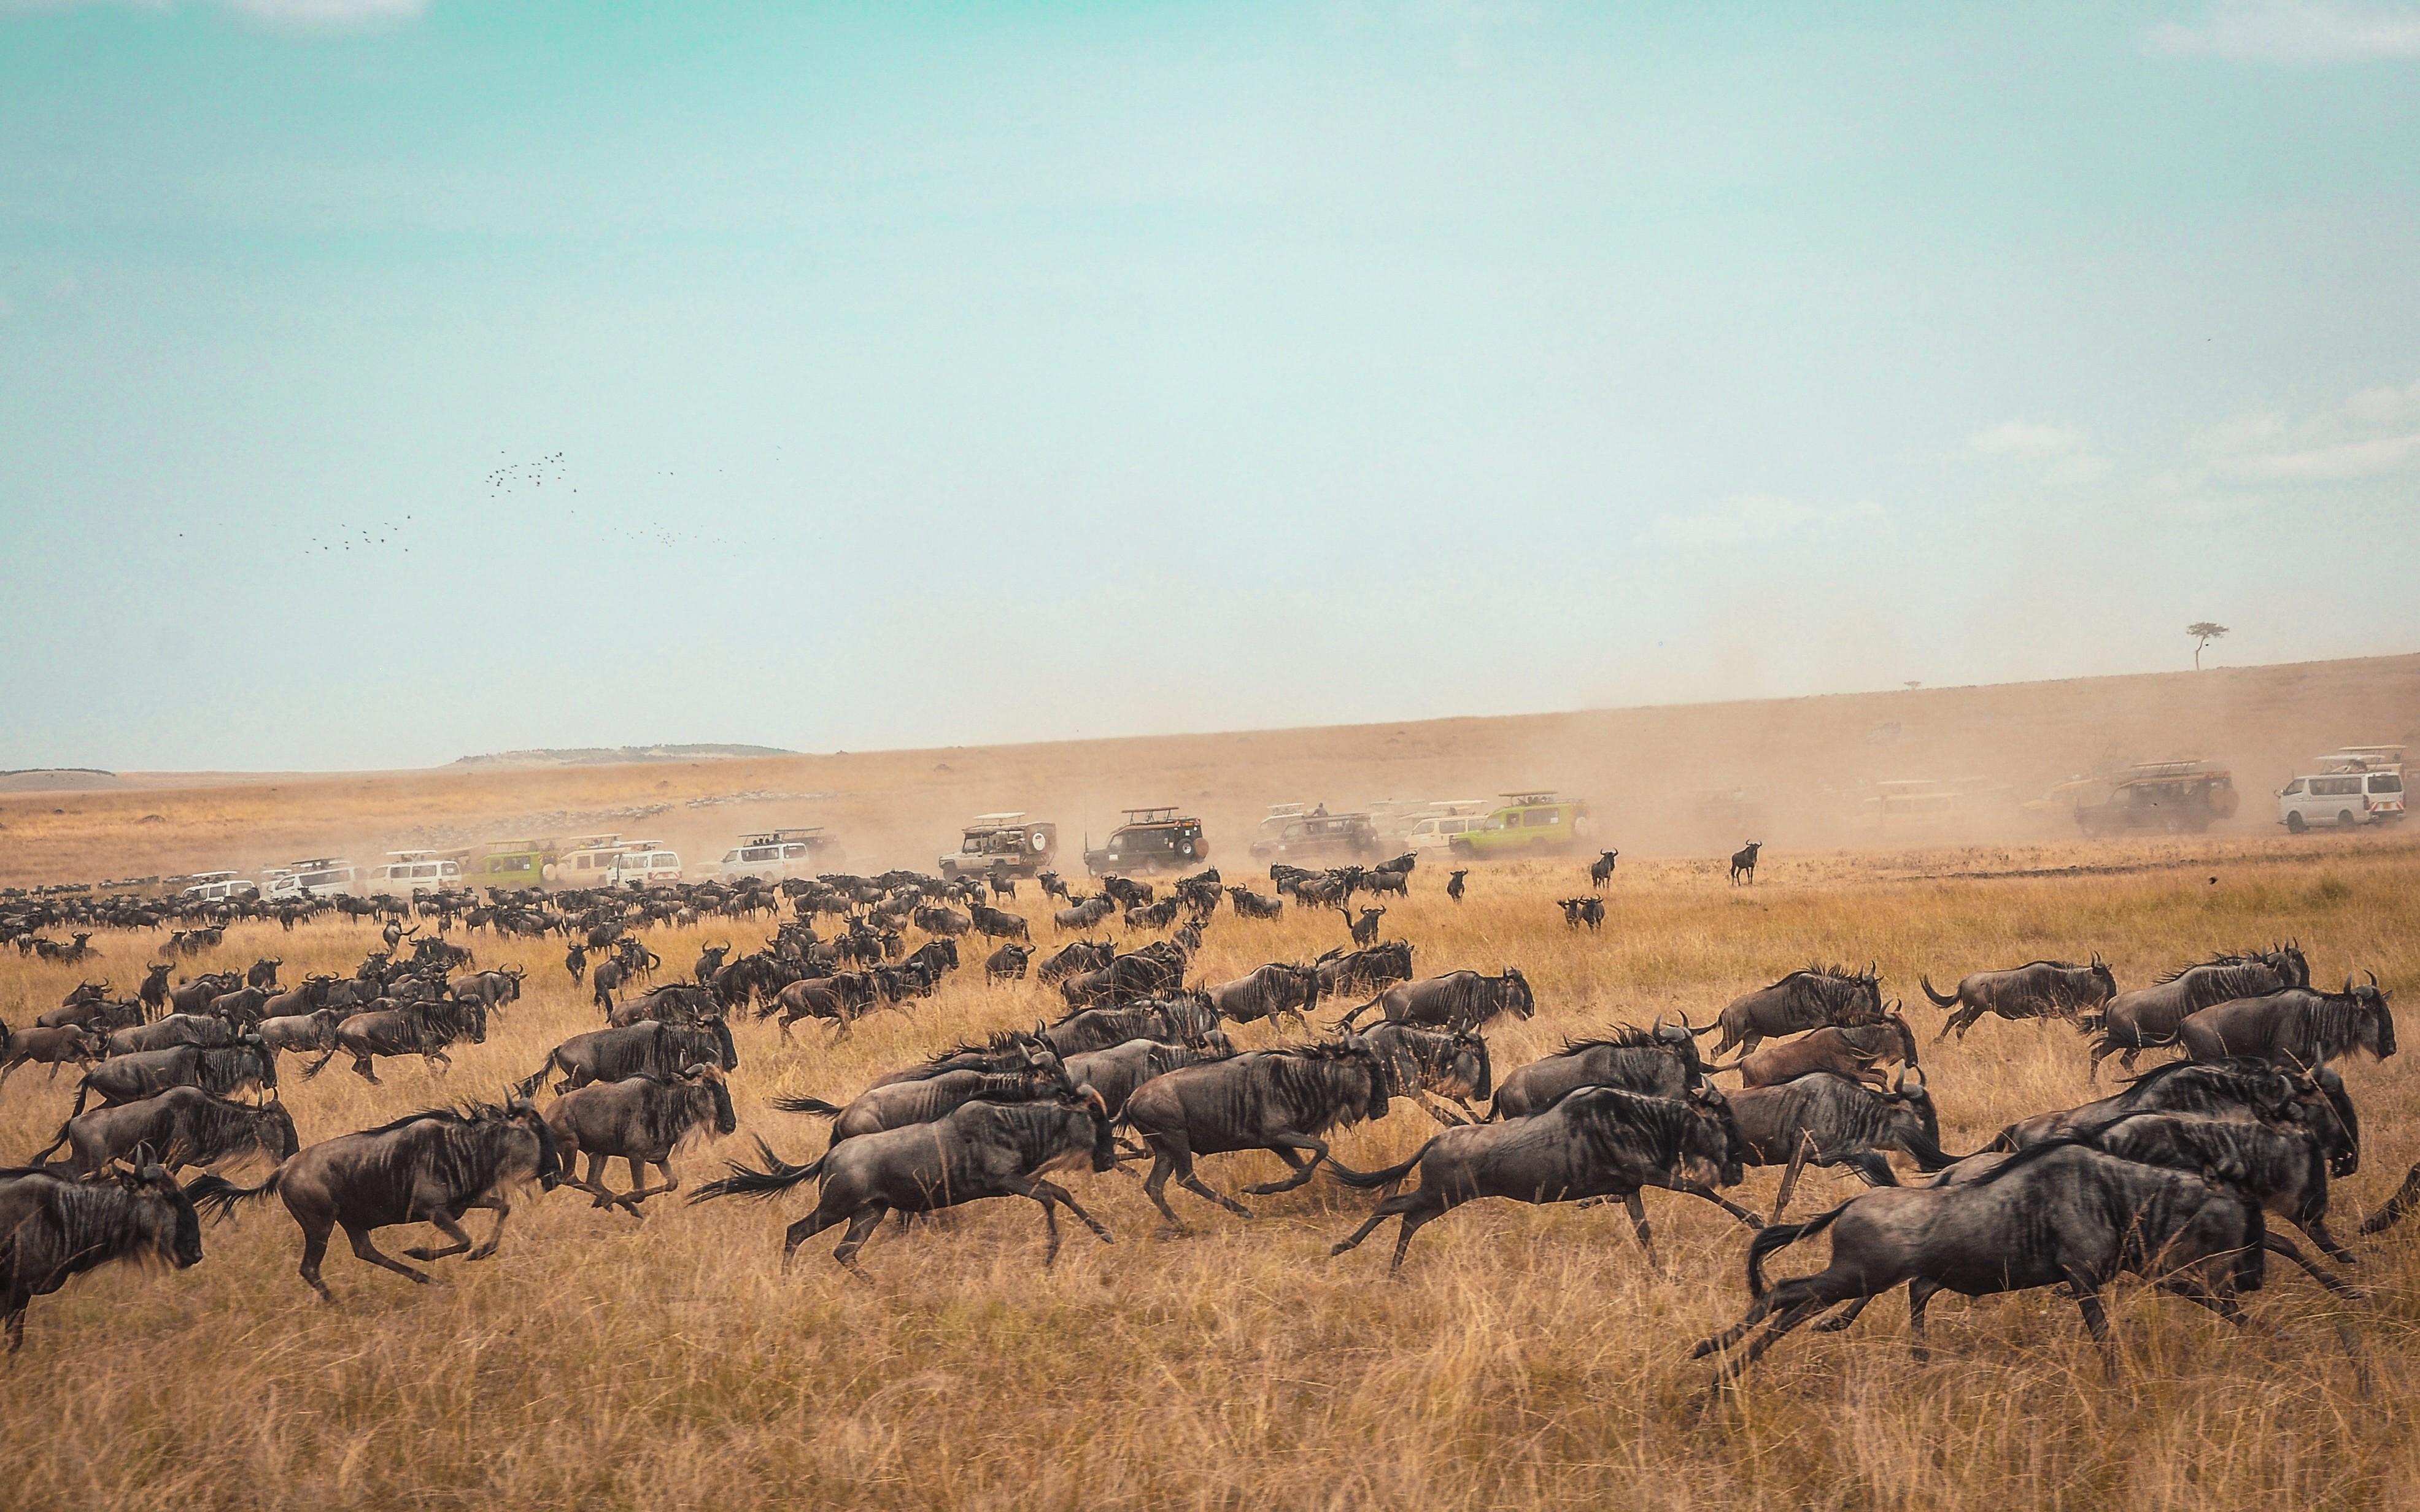 Migrating MySQL Data to ElasticSearch Using Logstash